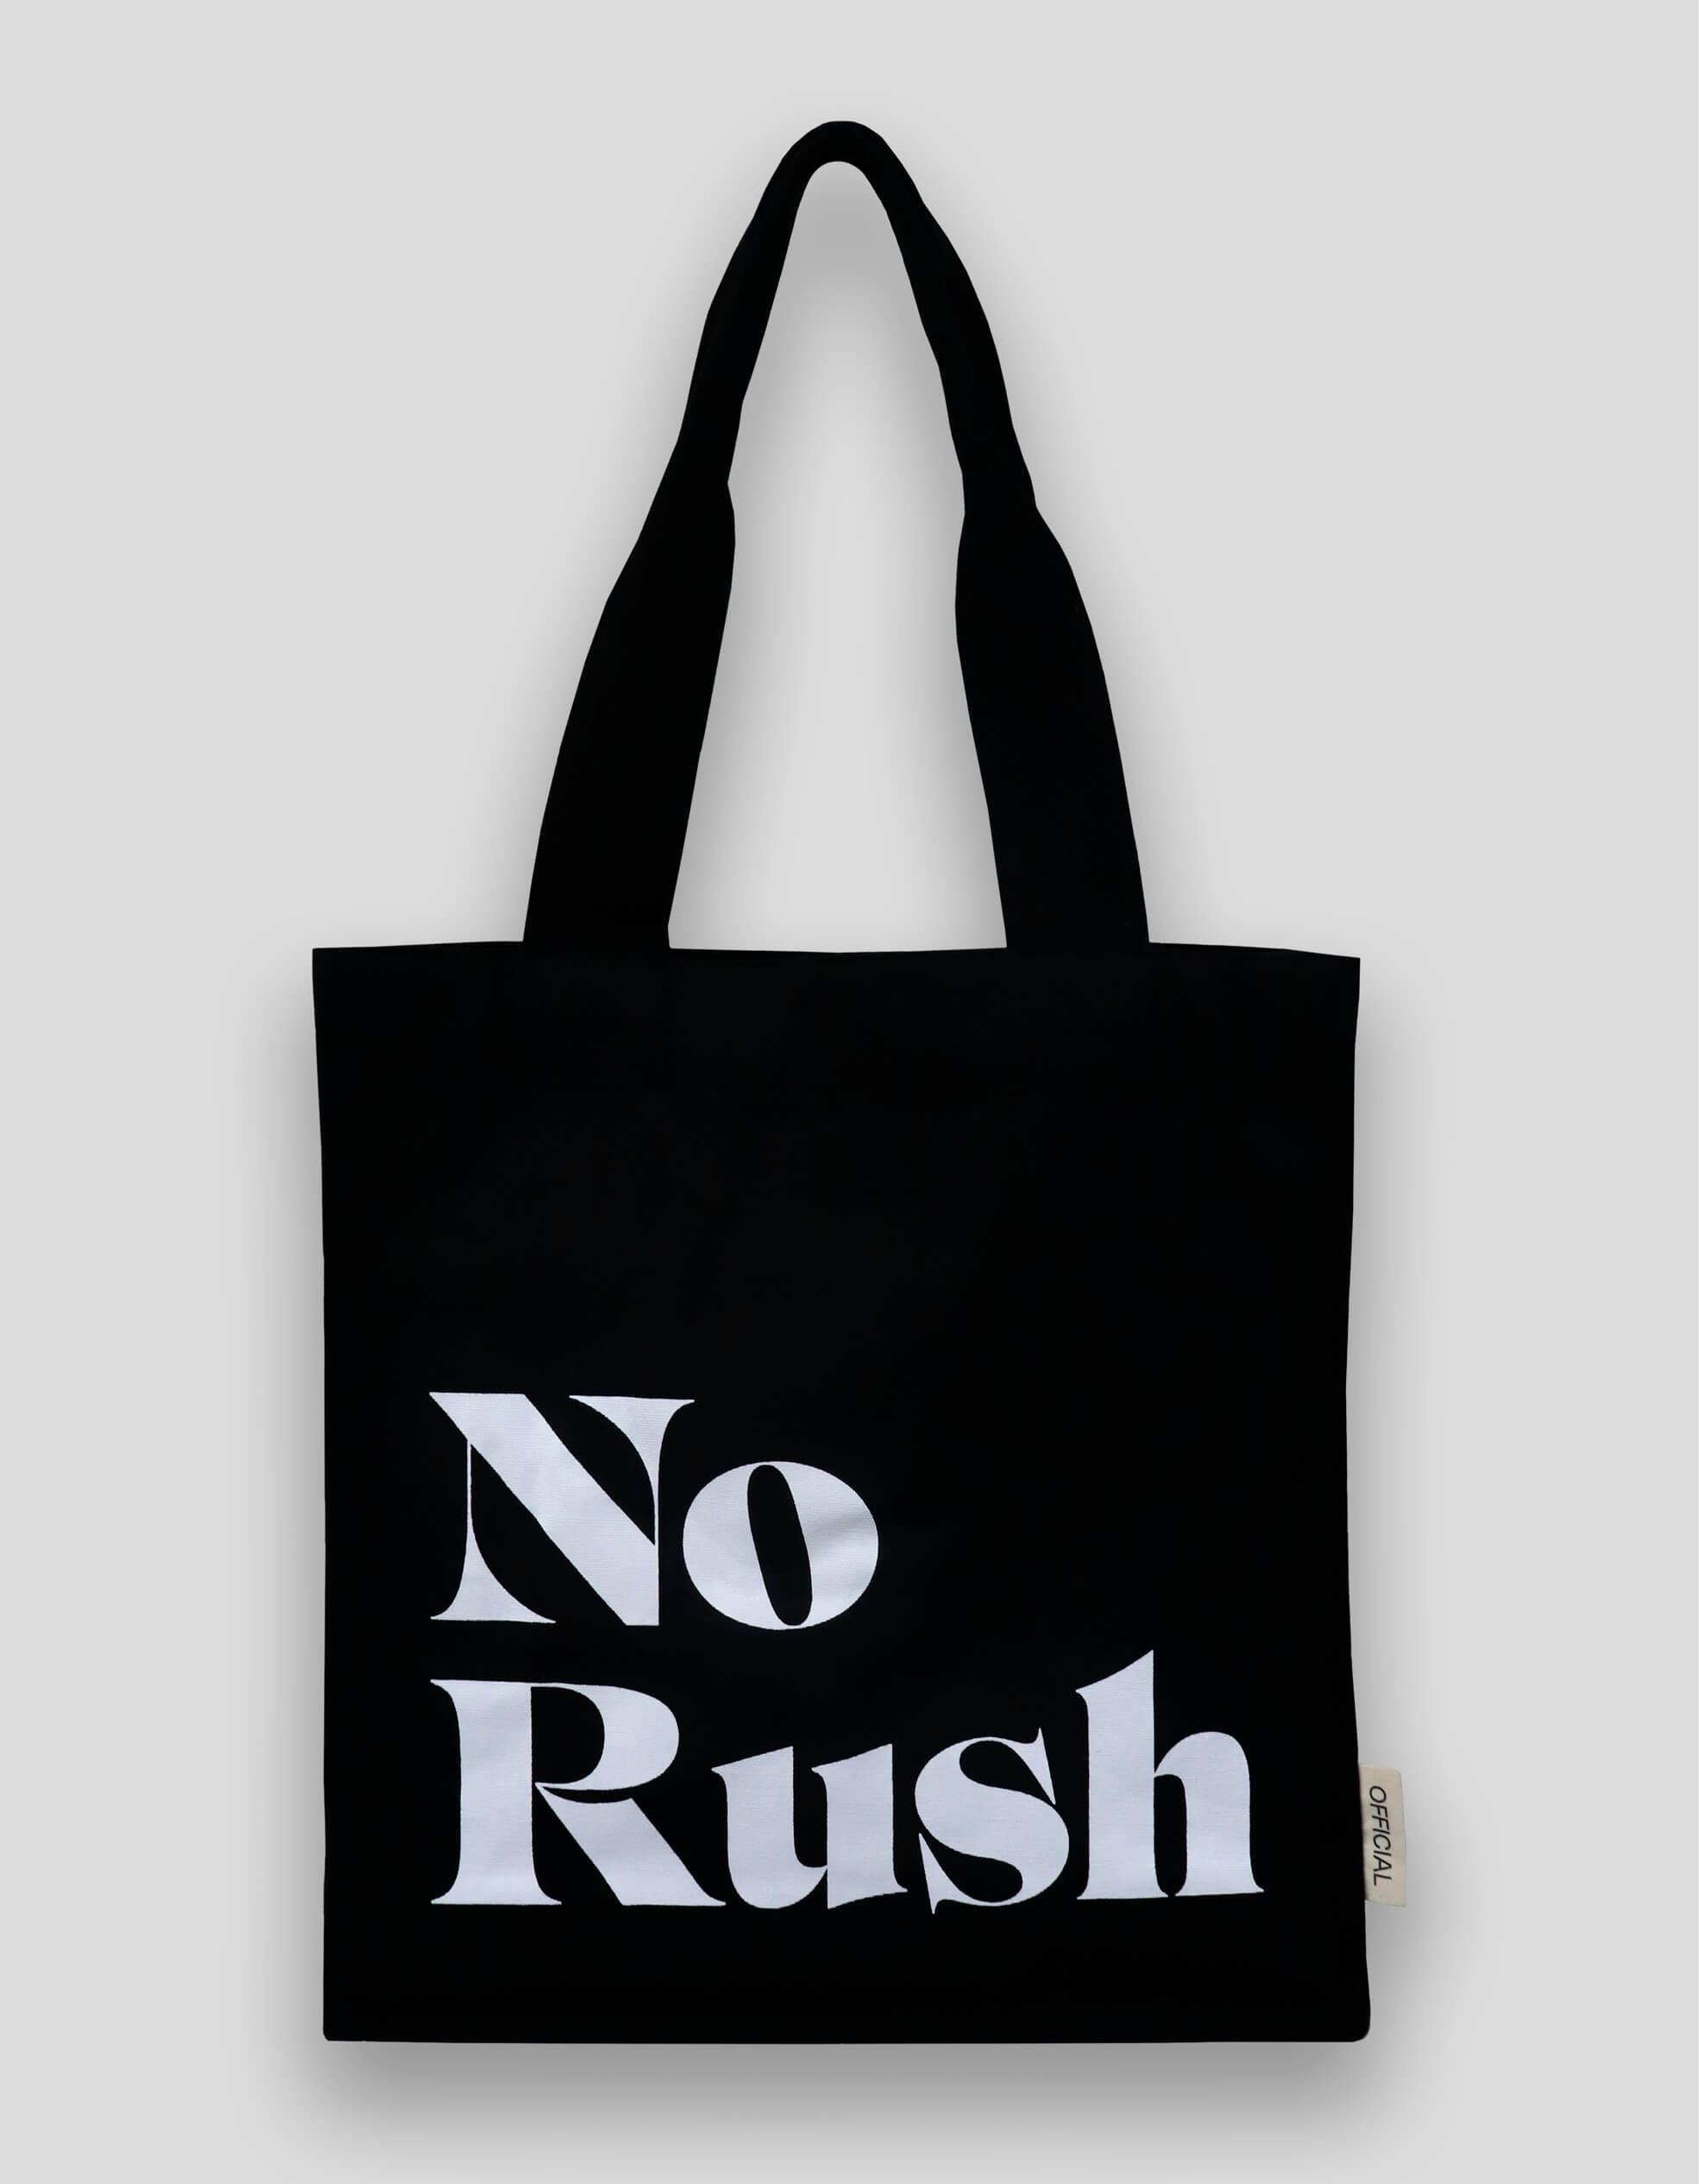 OFFICIAL_no_rush_bag_1